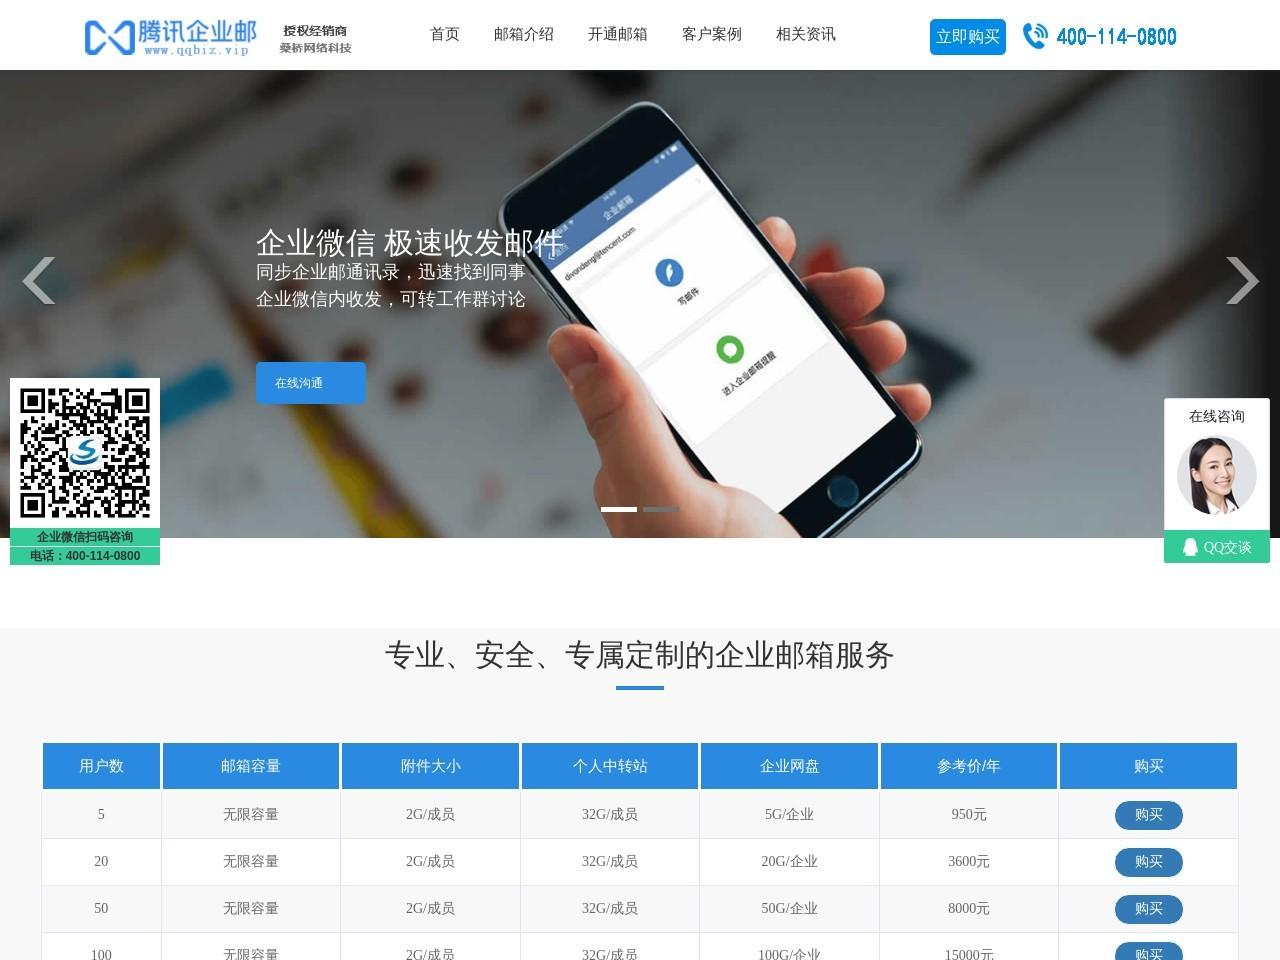 腾讯企业邮箱宁波服务中心